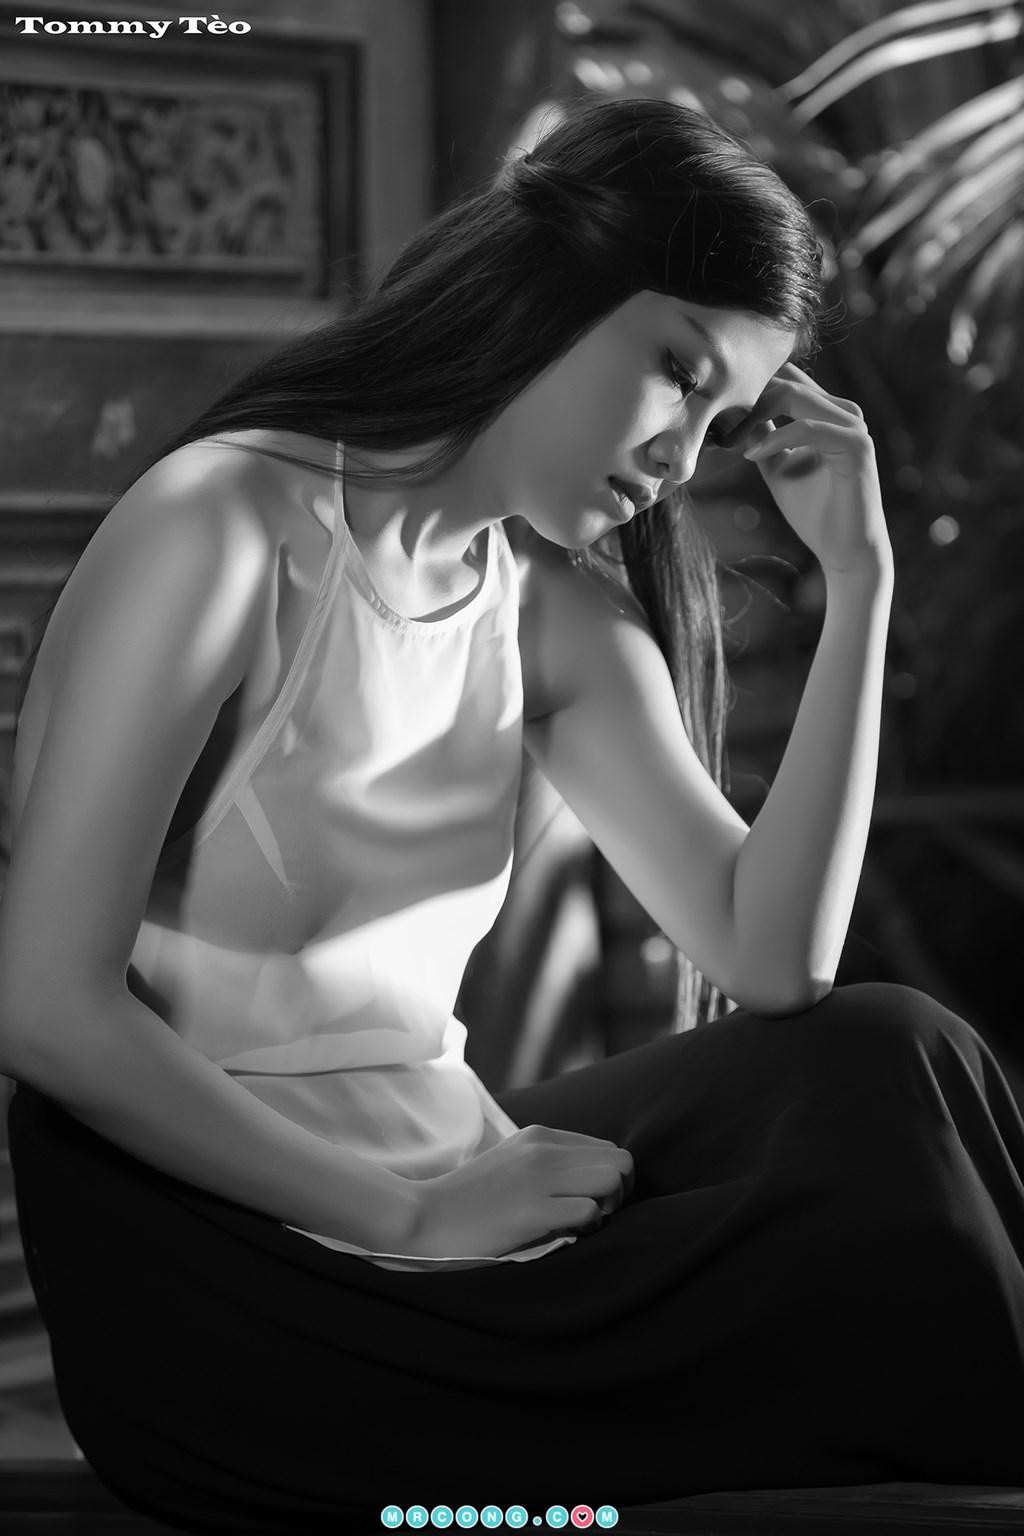 Image Nhung-Nguyen-by-Dang-Thanh-Tung-Tommy-Teo-MrCong.com-006 in post Nóng cả người với bộ ảnh thiếu nữ thả rông ngực mặc áo yếm mỏng tang (19 ảnh)